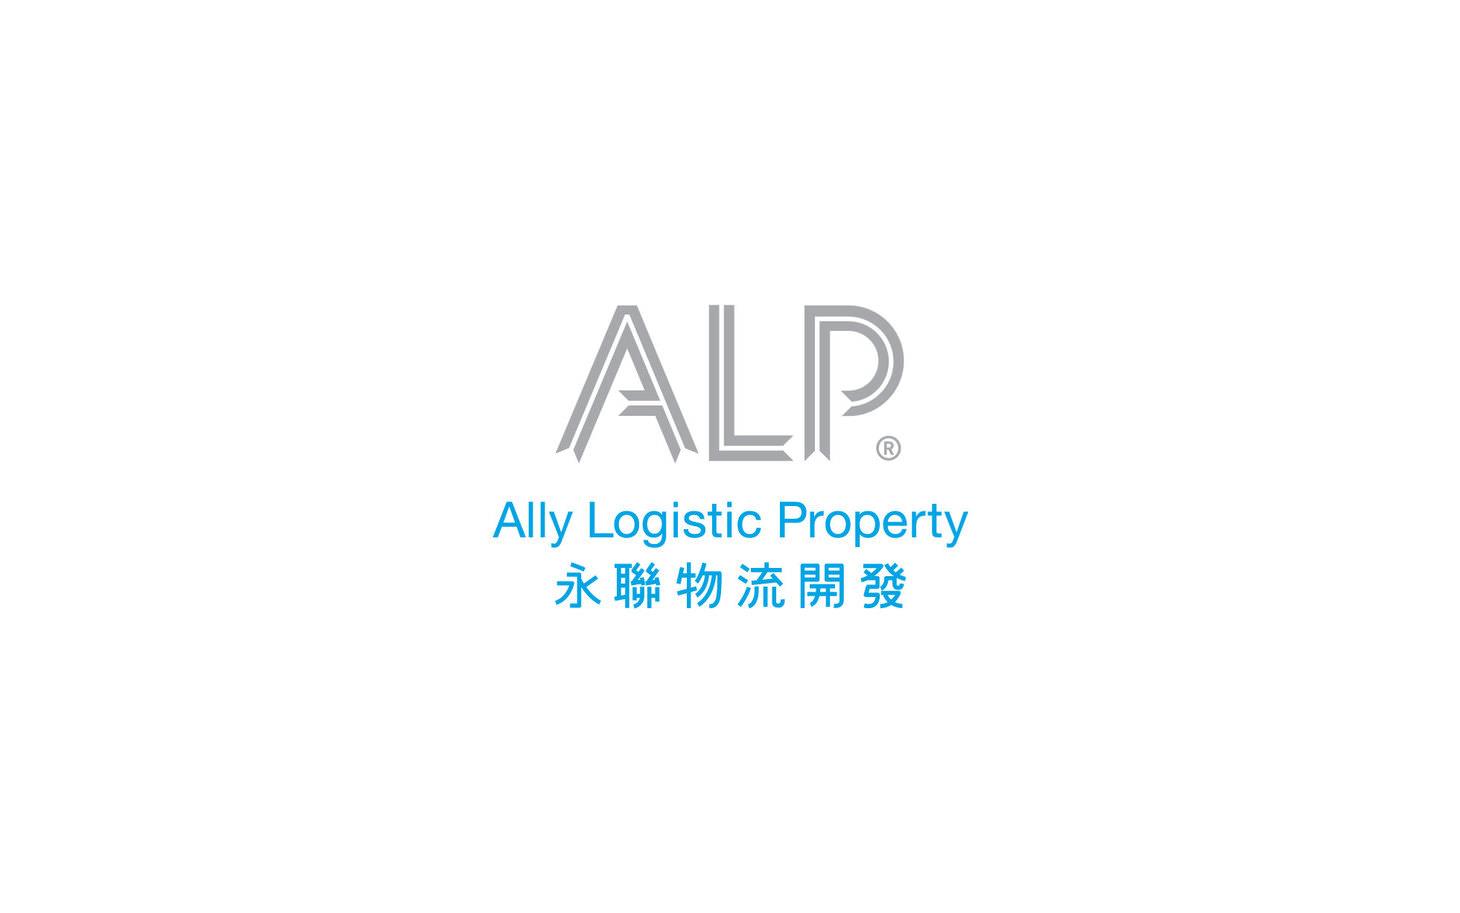 ALP_1960X1225_1.jpg